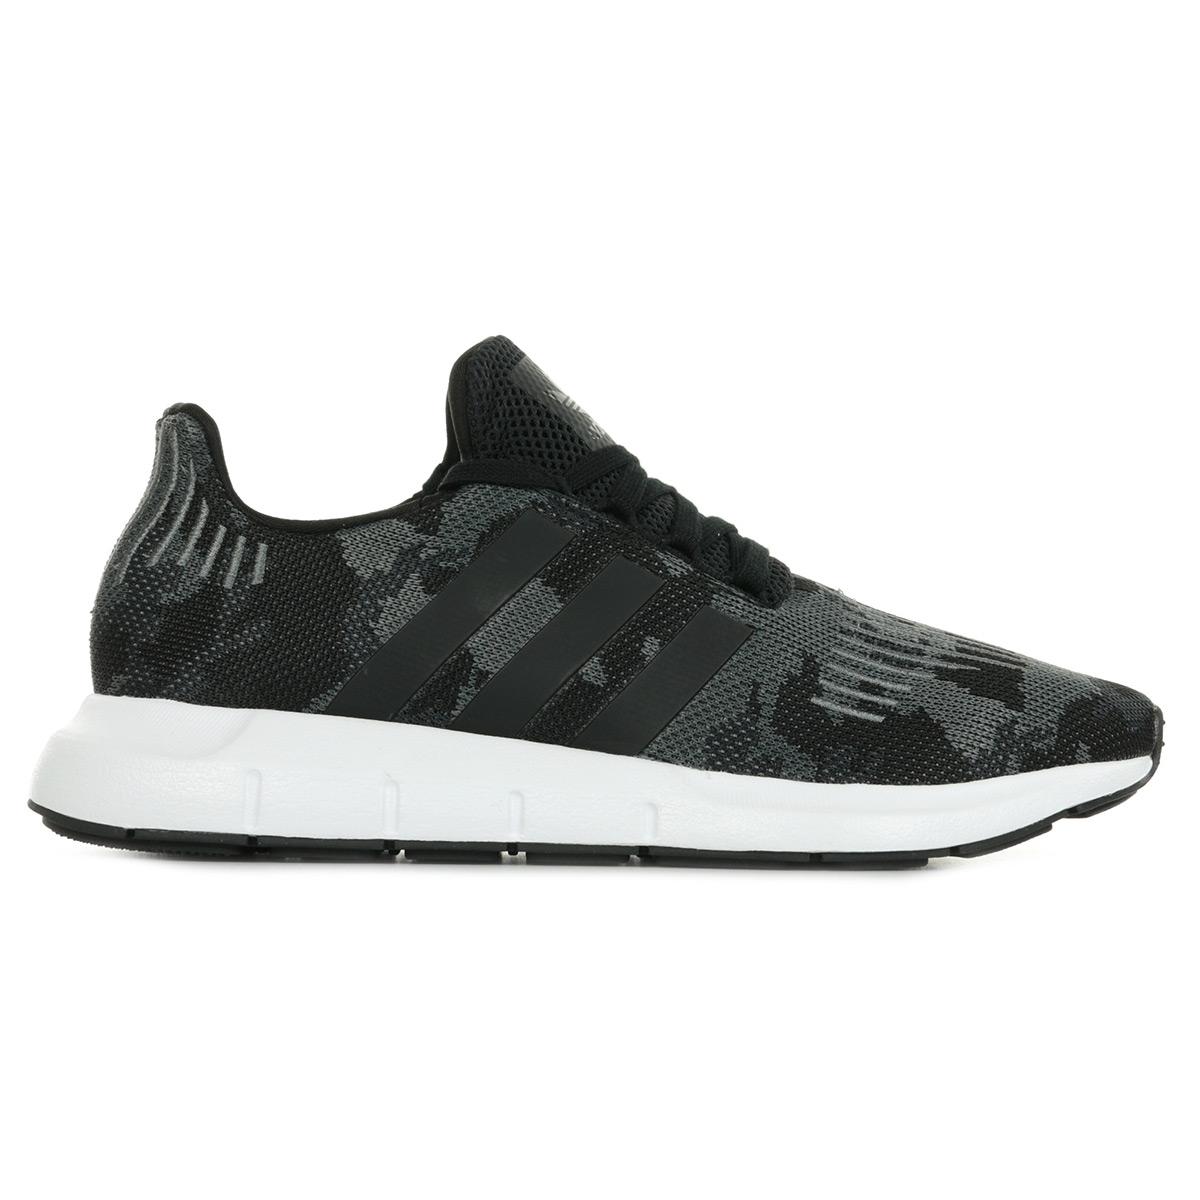 Détails sur Chaussures Baskets adidas homme Swift Run taille Noir Noire Textile Lacets